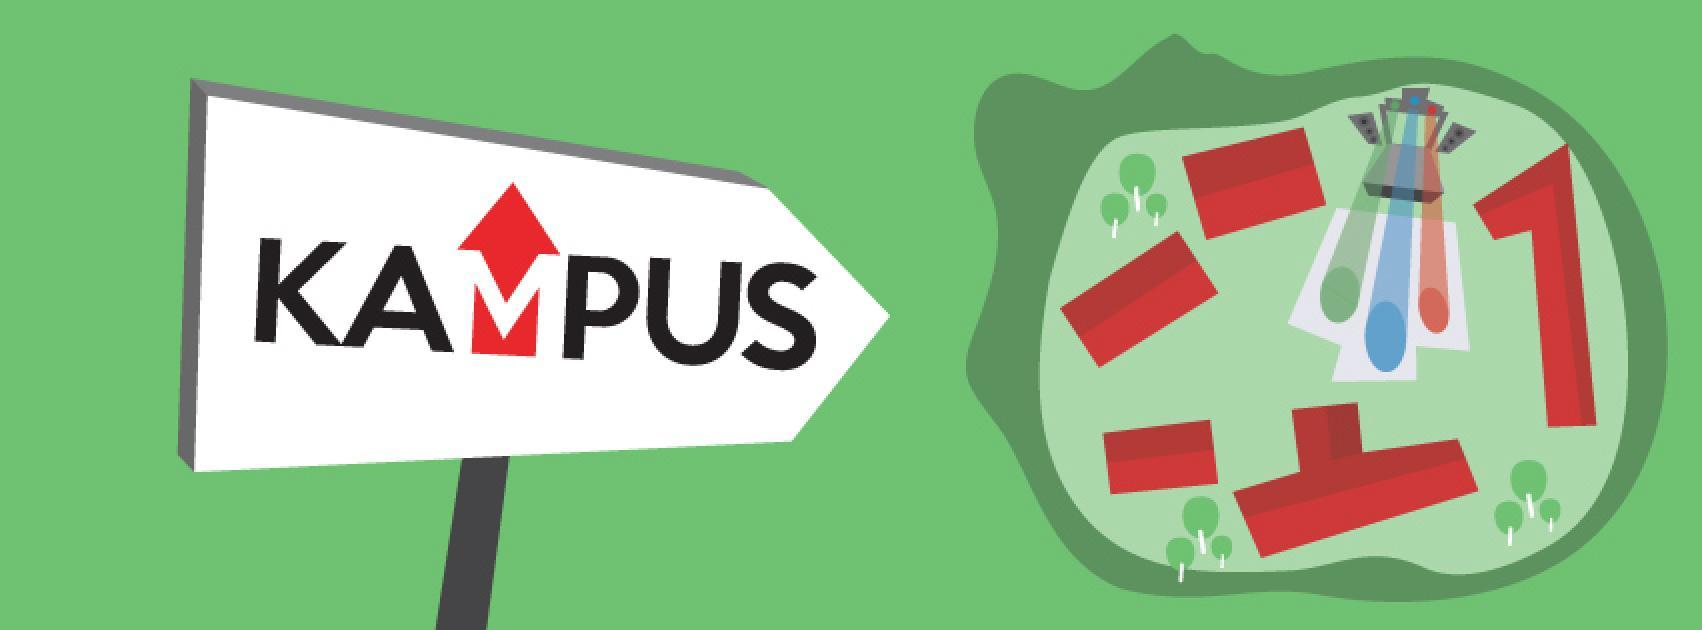 kampus-cover-fb-template.jpg